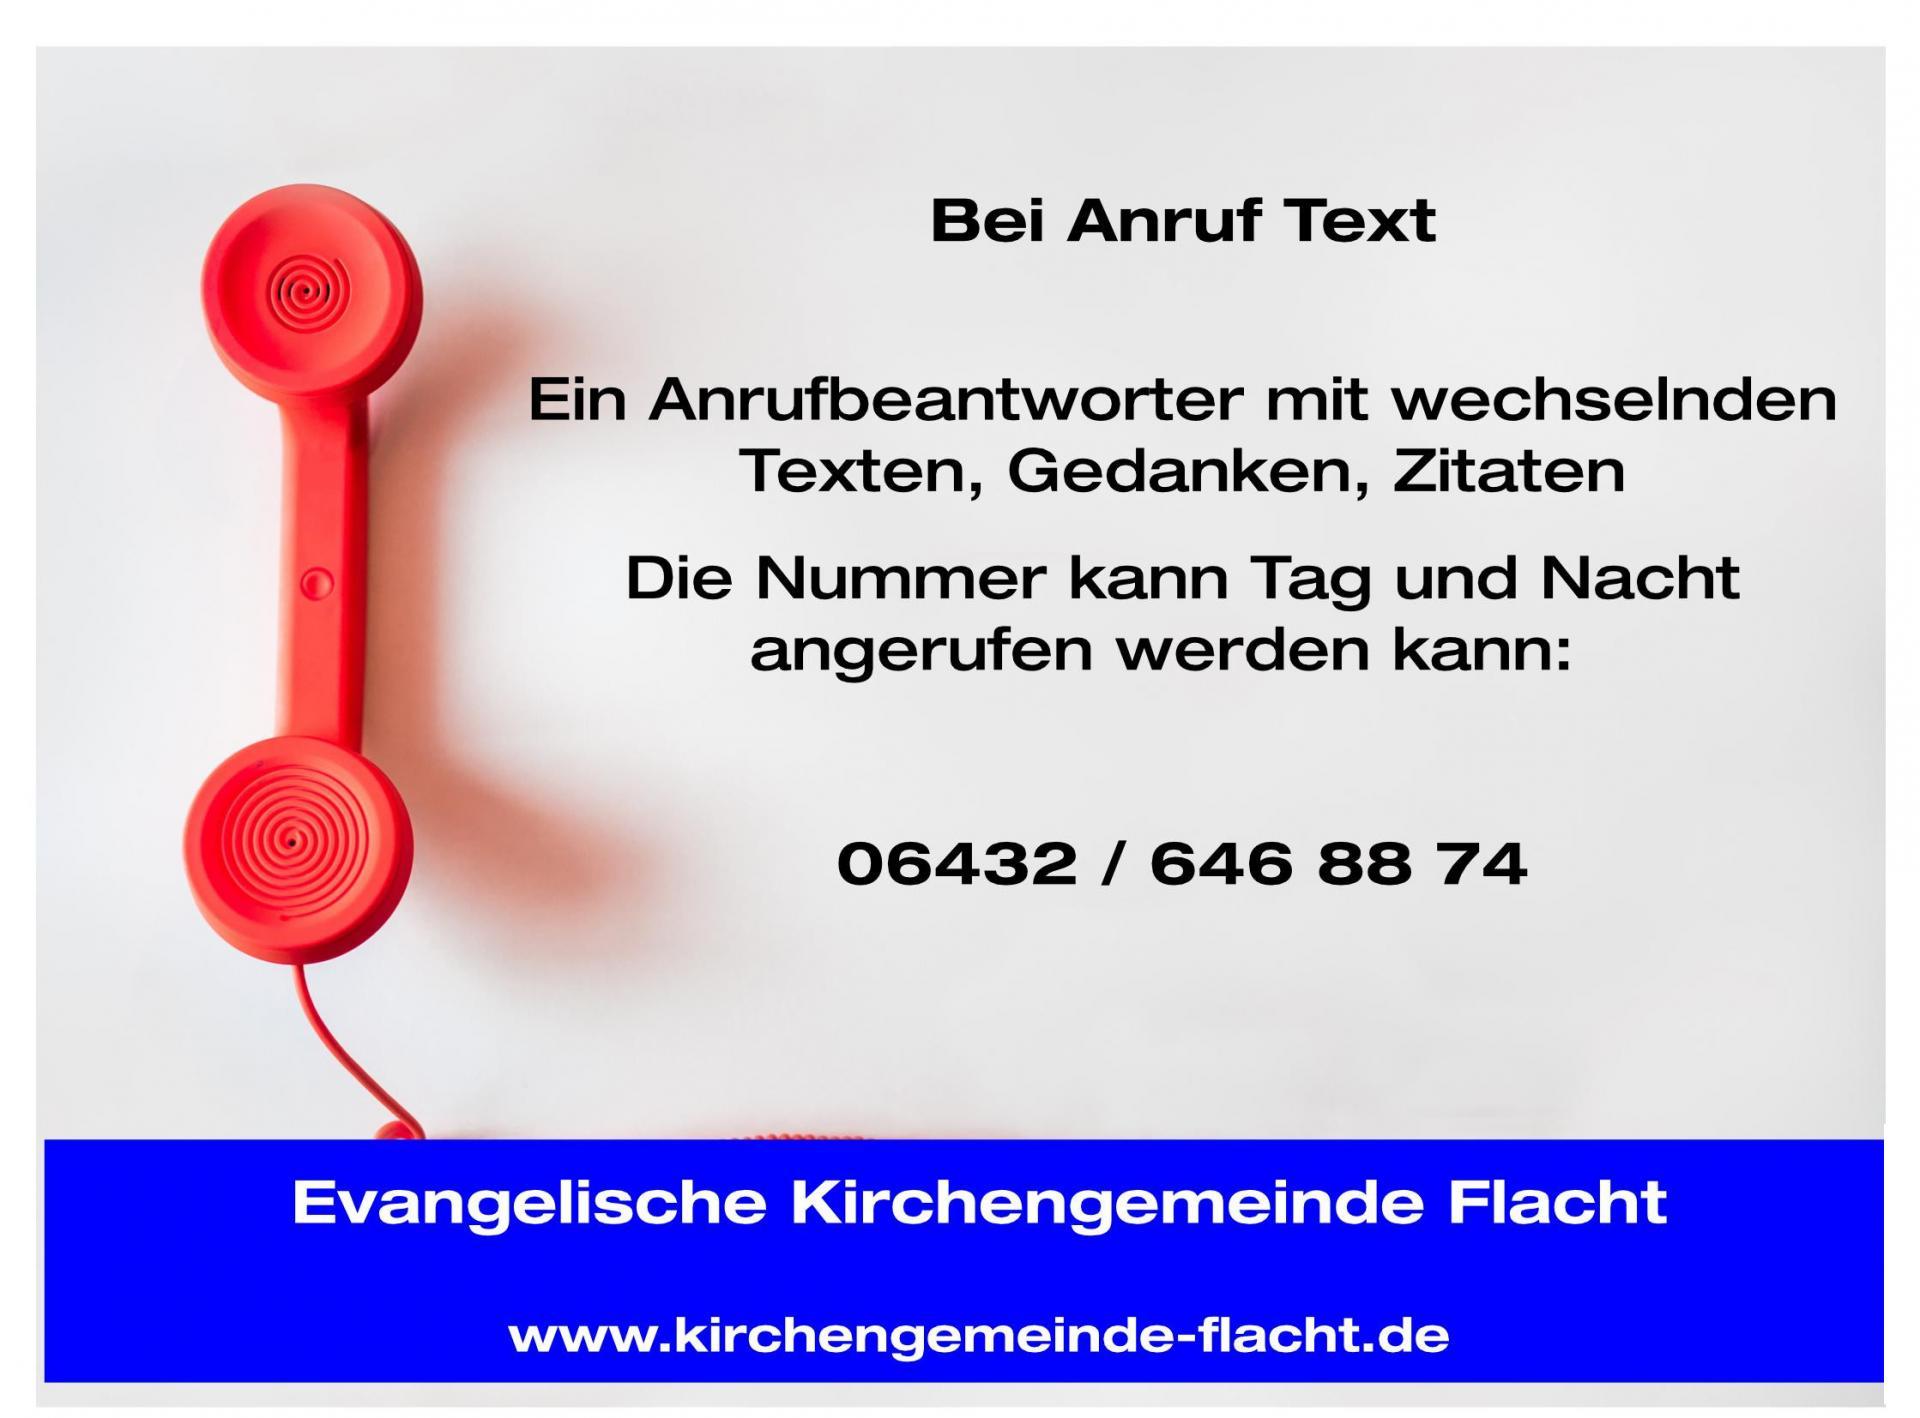 Bei Anruf Text